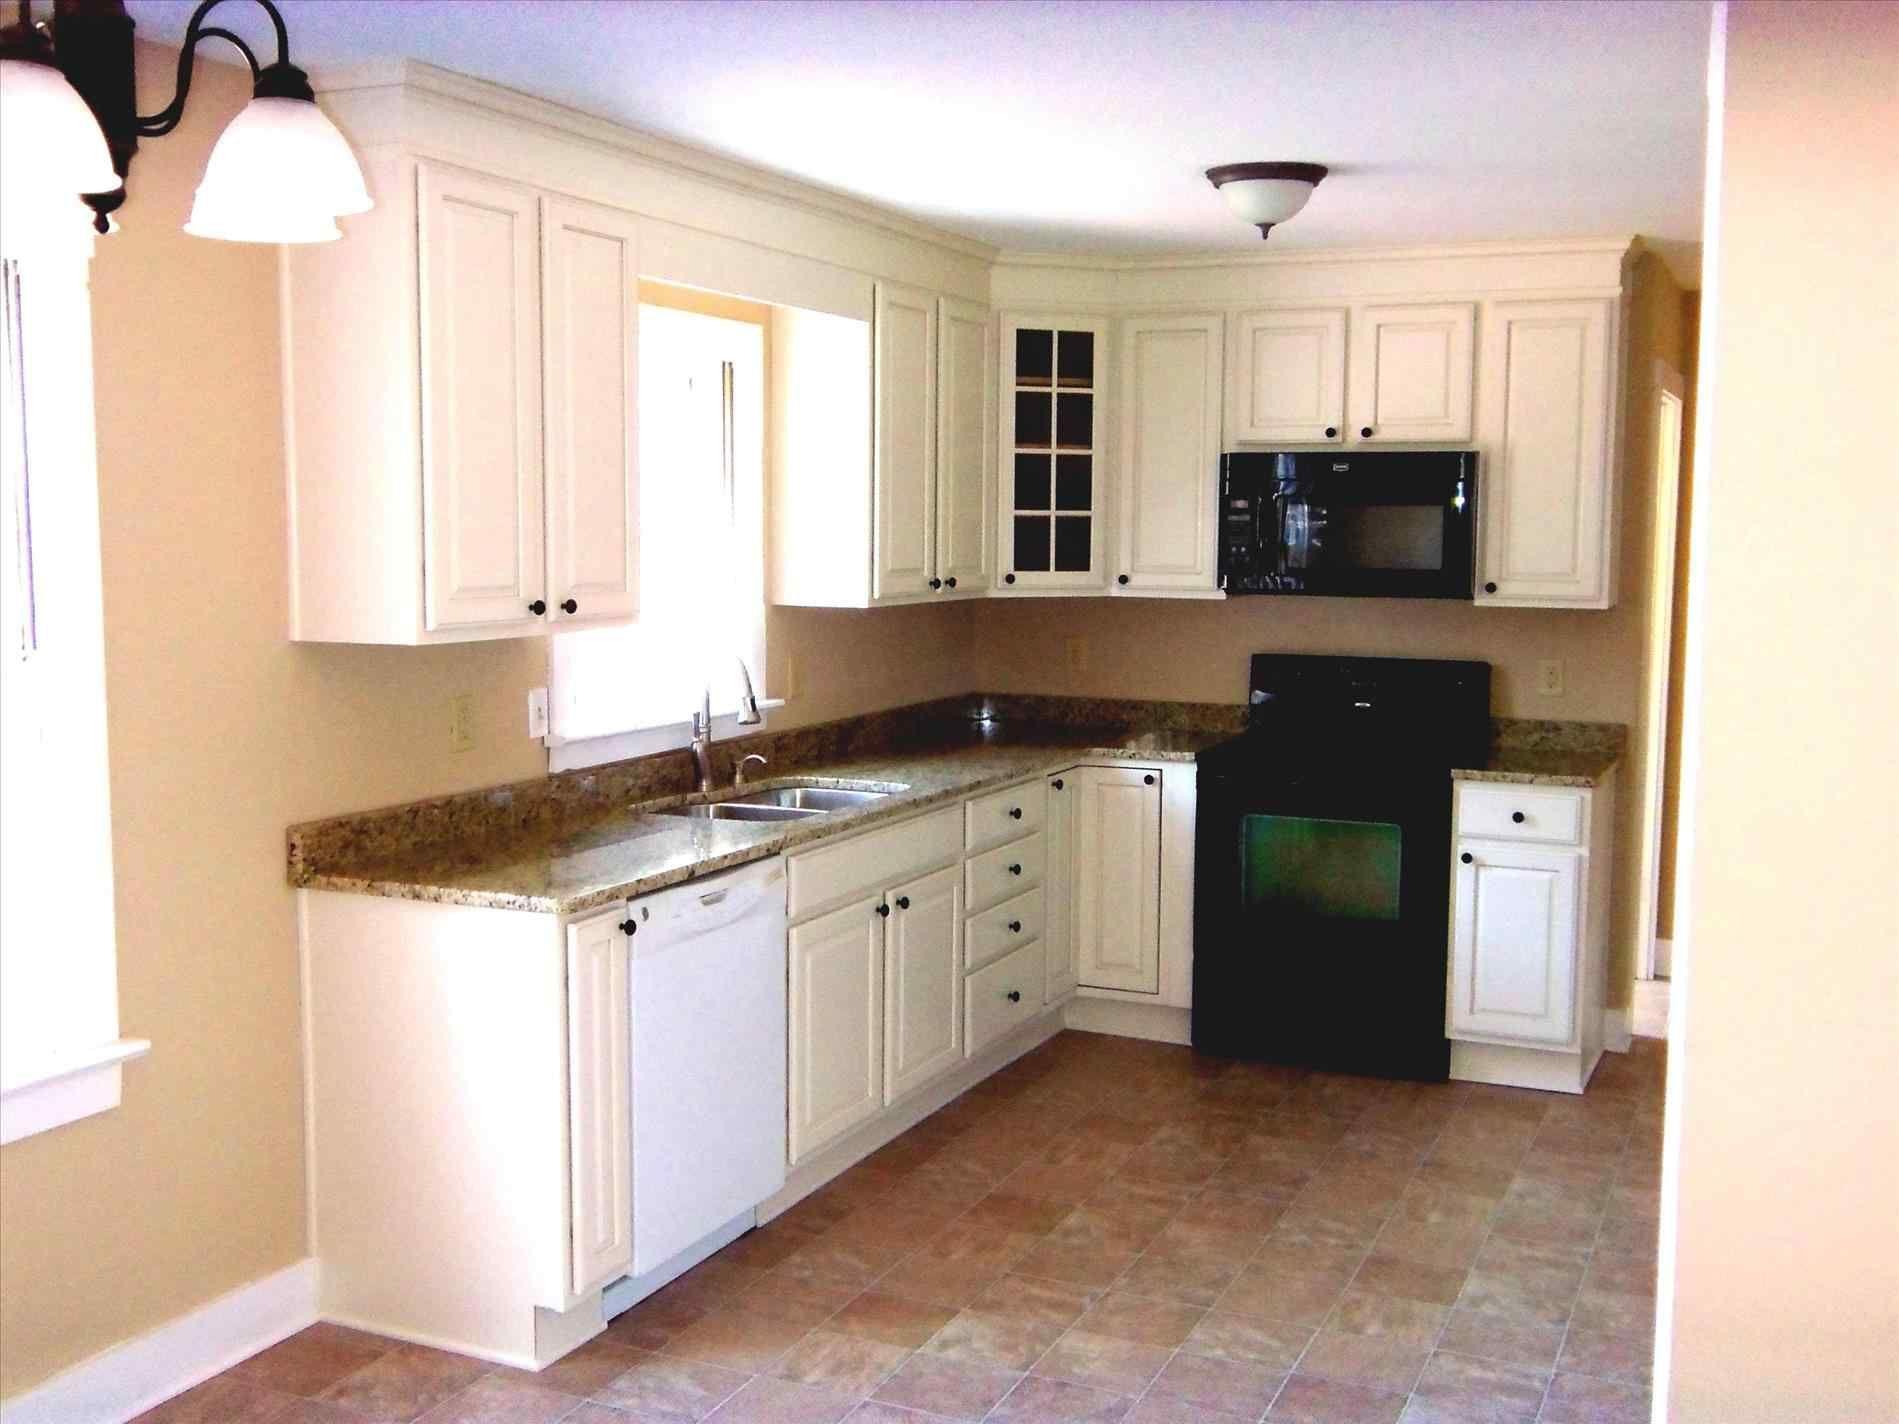 15 small l shaped kitchen remodel ideas l shaped kitchen cabinets small l shaped kitchens on l kitchen remodel id=37336